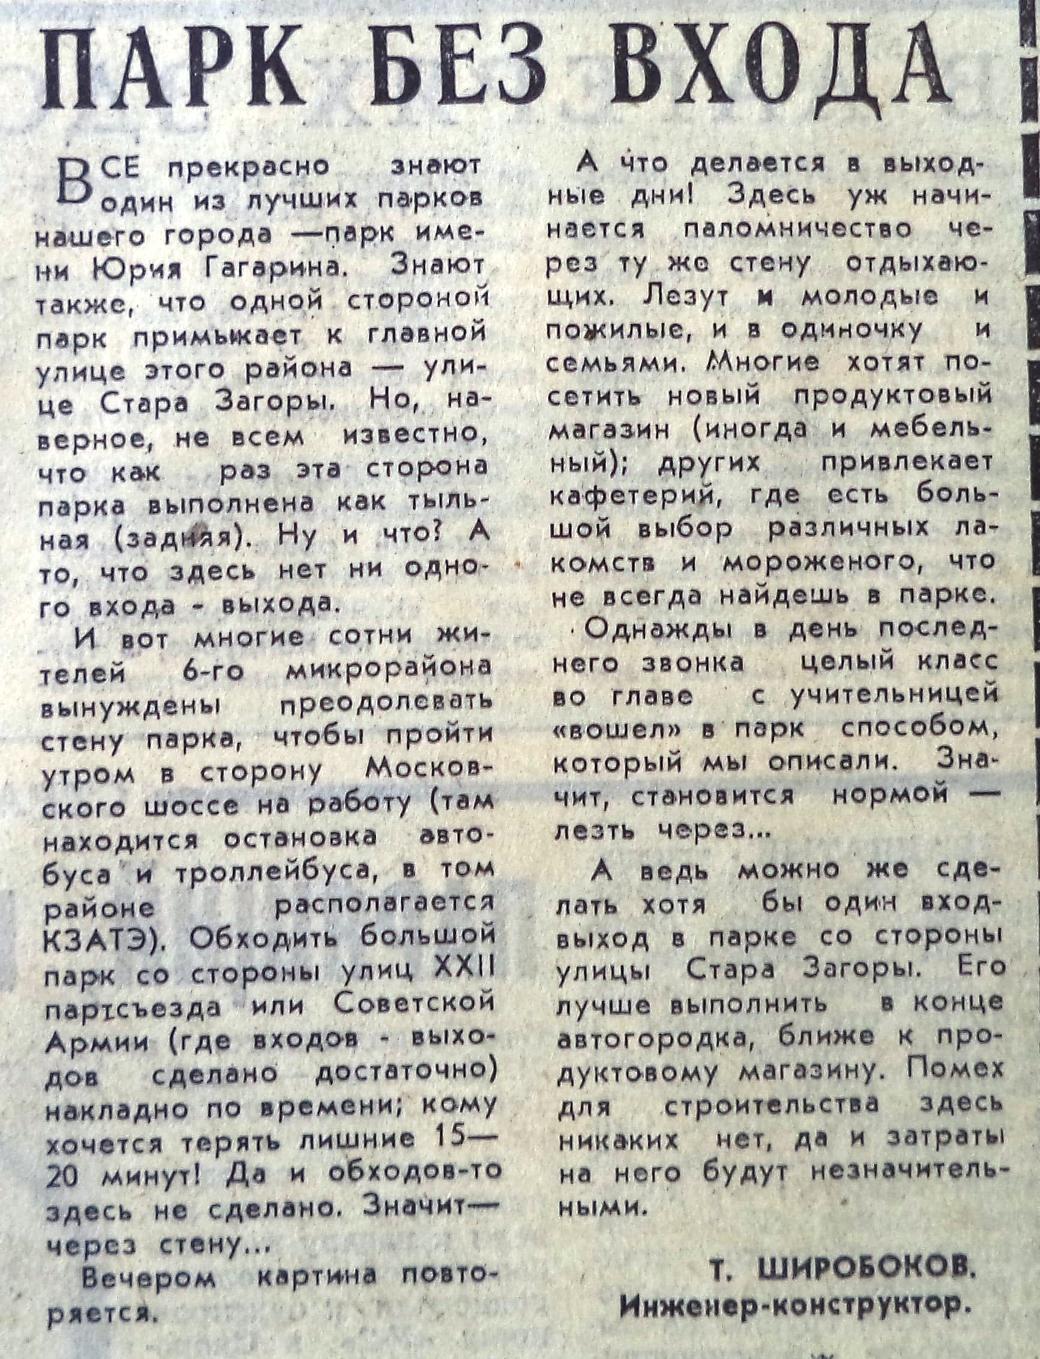 Стара Загора-ФОТО-035-ВЗя-1978-07-27-об отсут. входа в Парк Гаг. со стороны СЗ-min